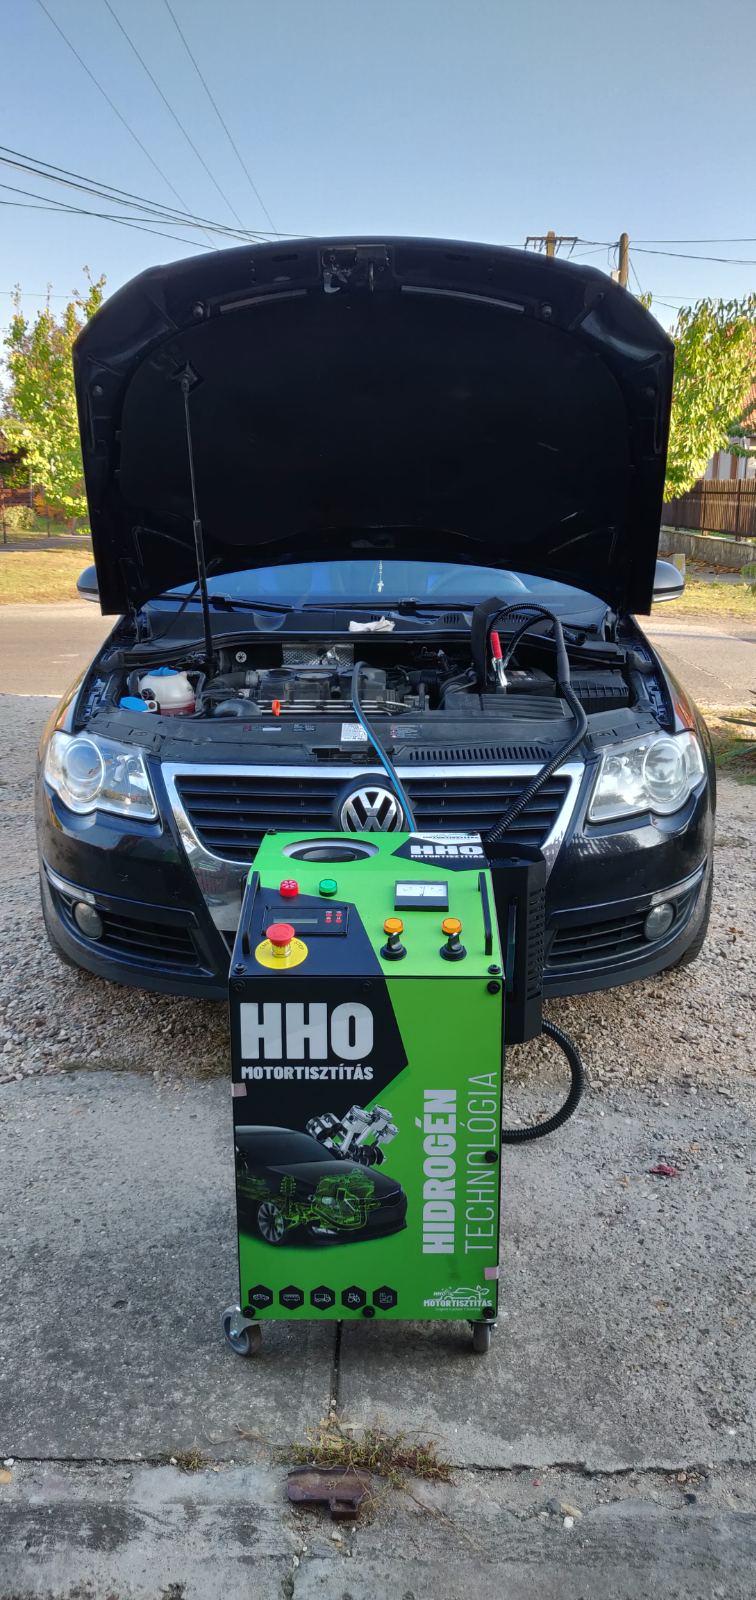 HHO Motortisztítás VW Passat 1.9 PDTdi 105Le Cegléd